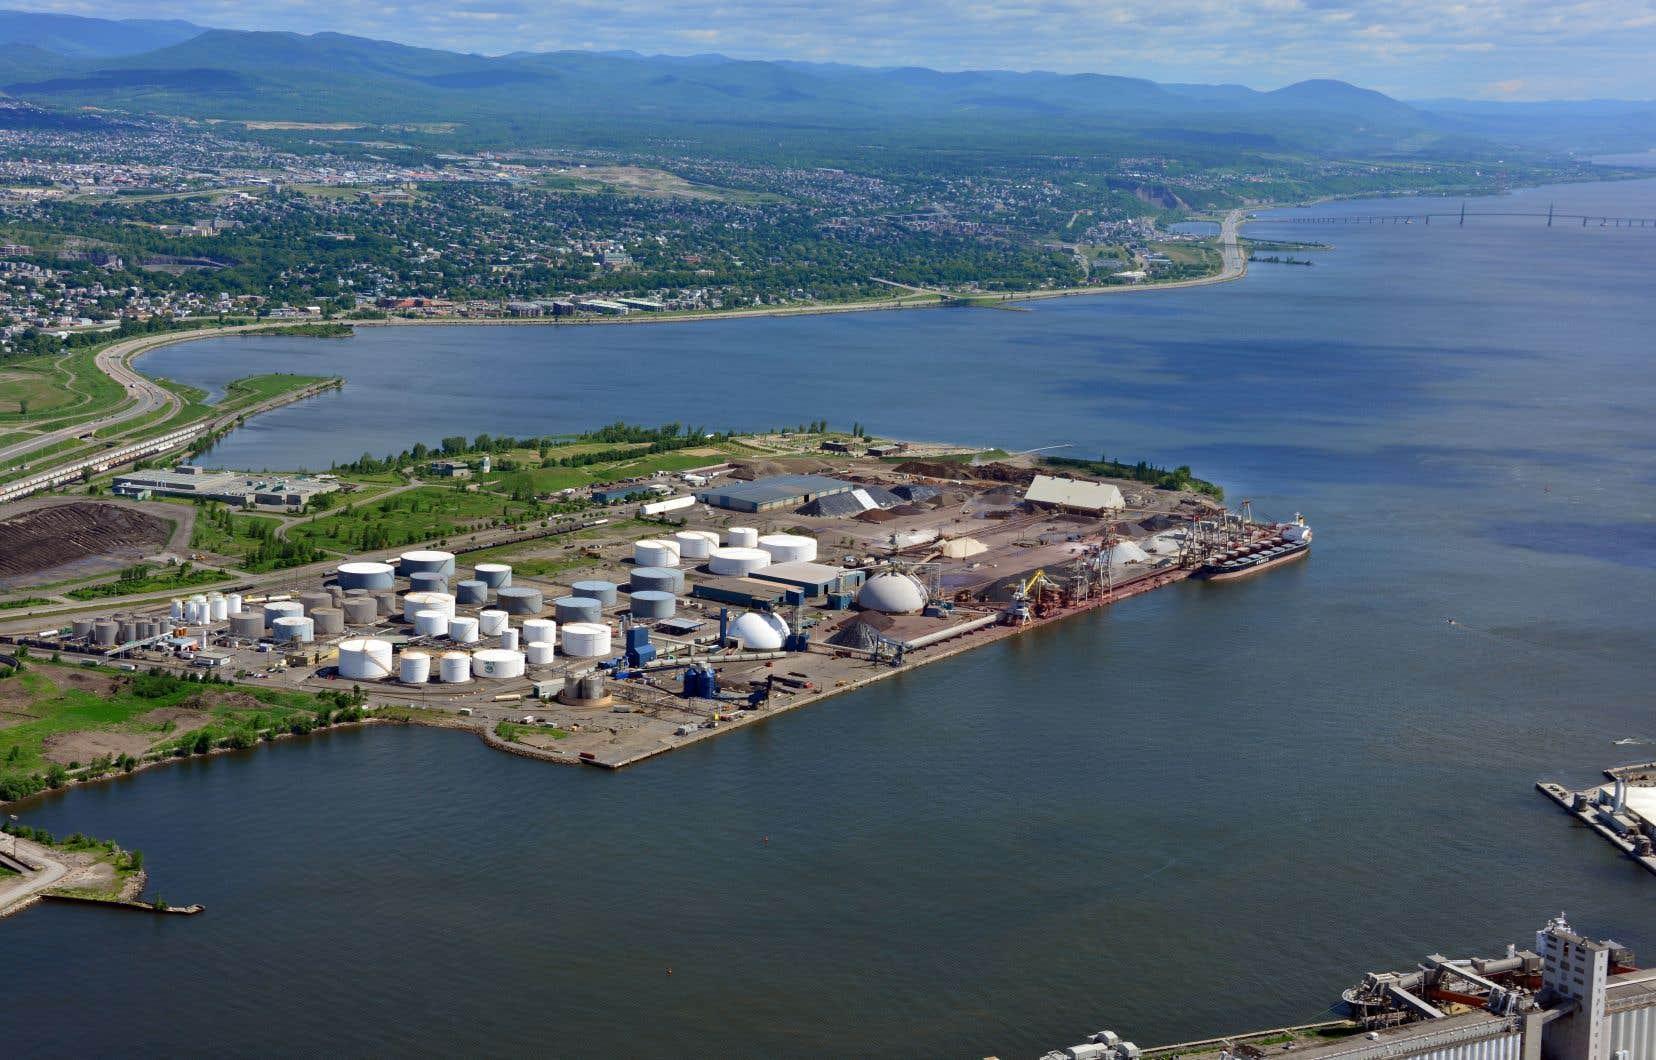 Le projet d'agrandissement du Port risque notamment de nuire à la qualité de l'air et la santé humaine, note l'Agence d'évaluation d'impact du Canada (AEIC).